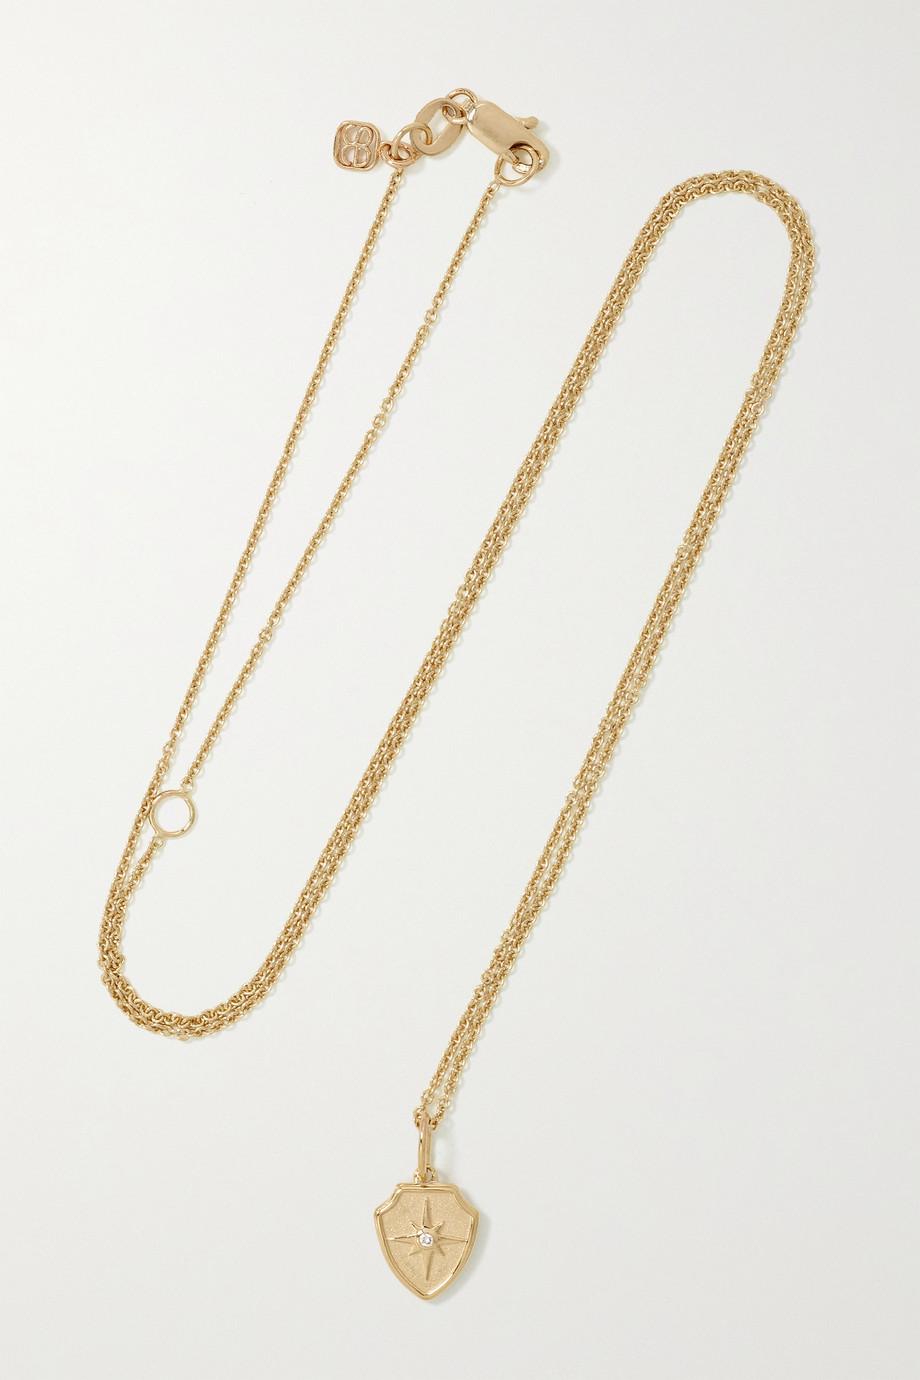 Sydney Evan Starburst Crest 14-karat gold diamond necklace